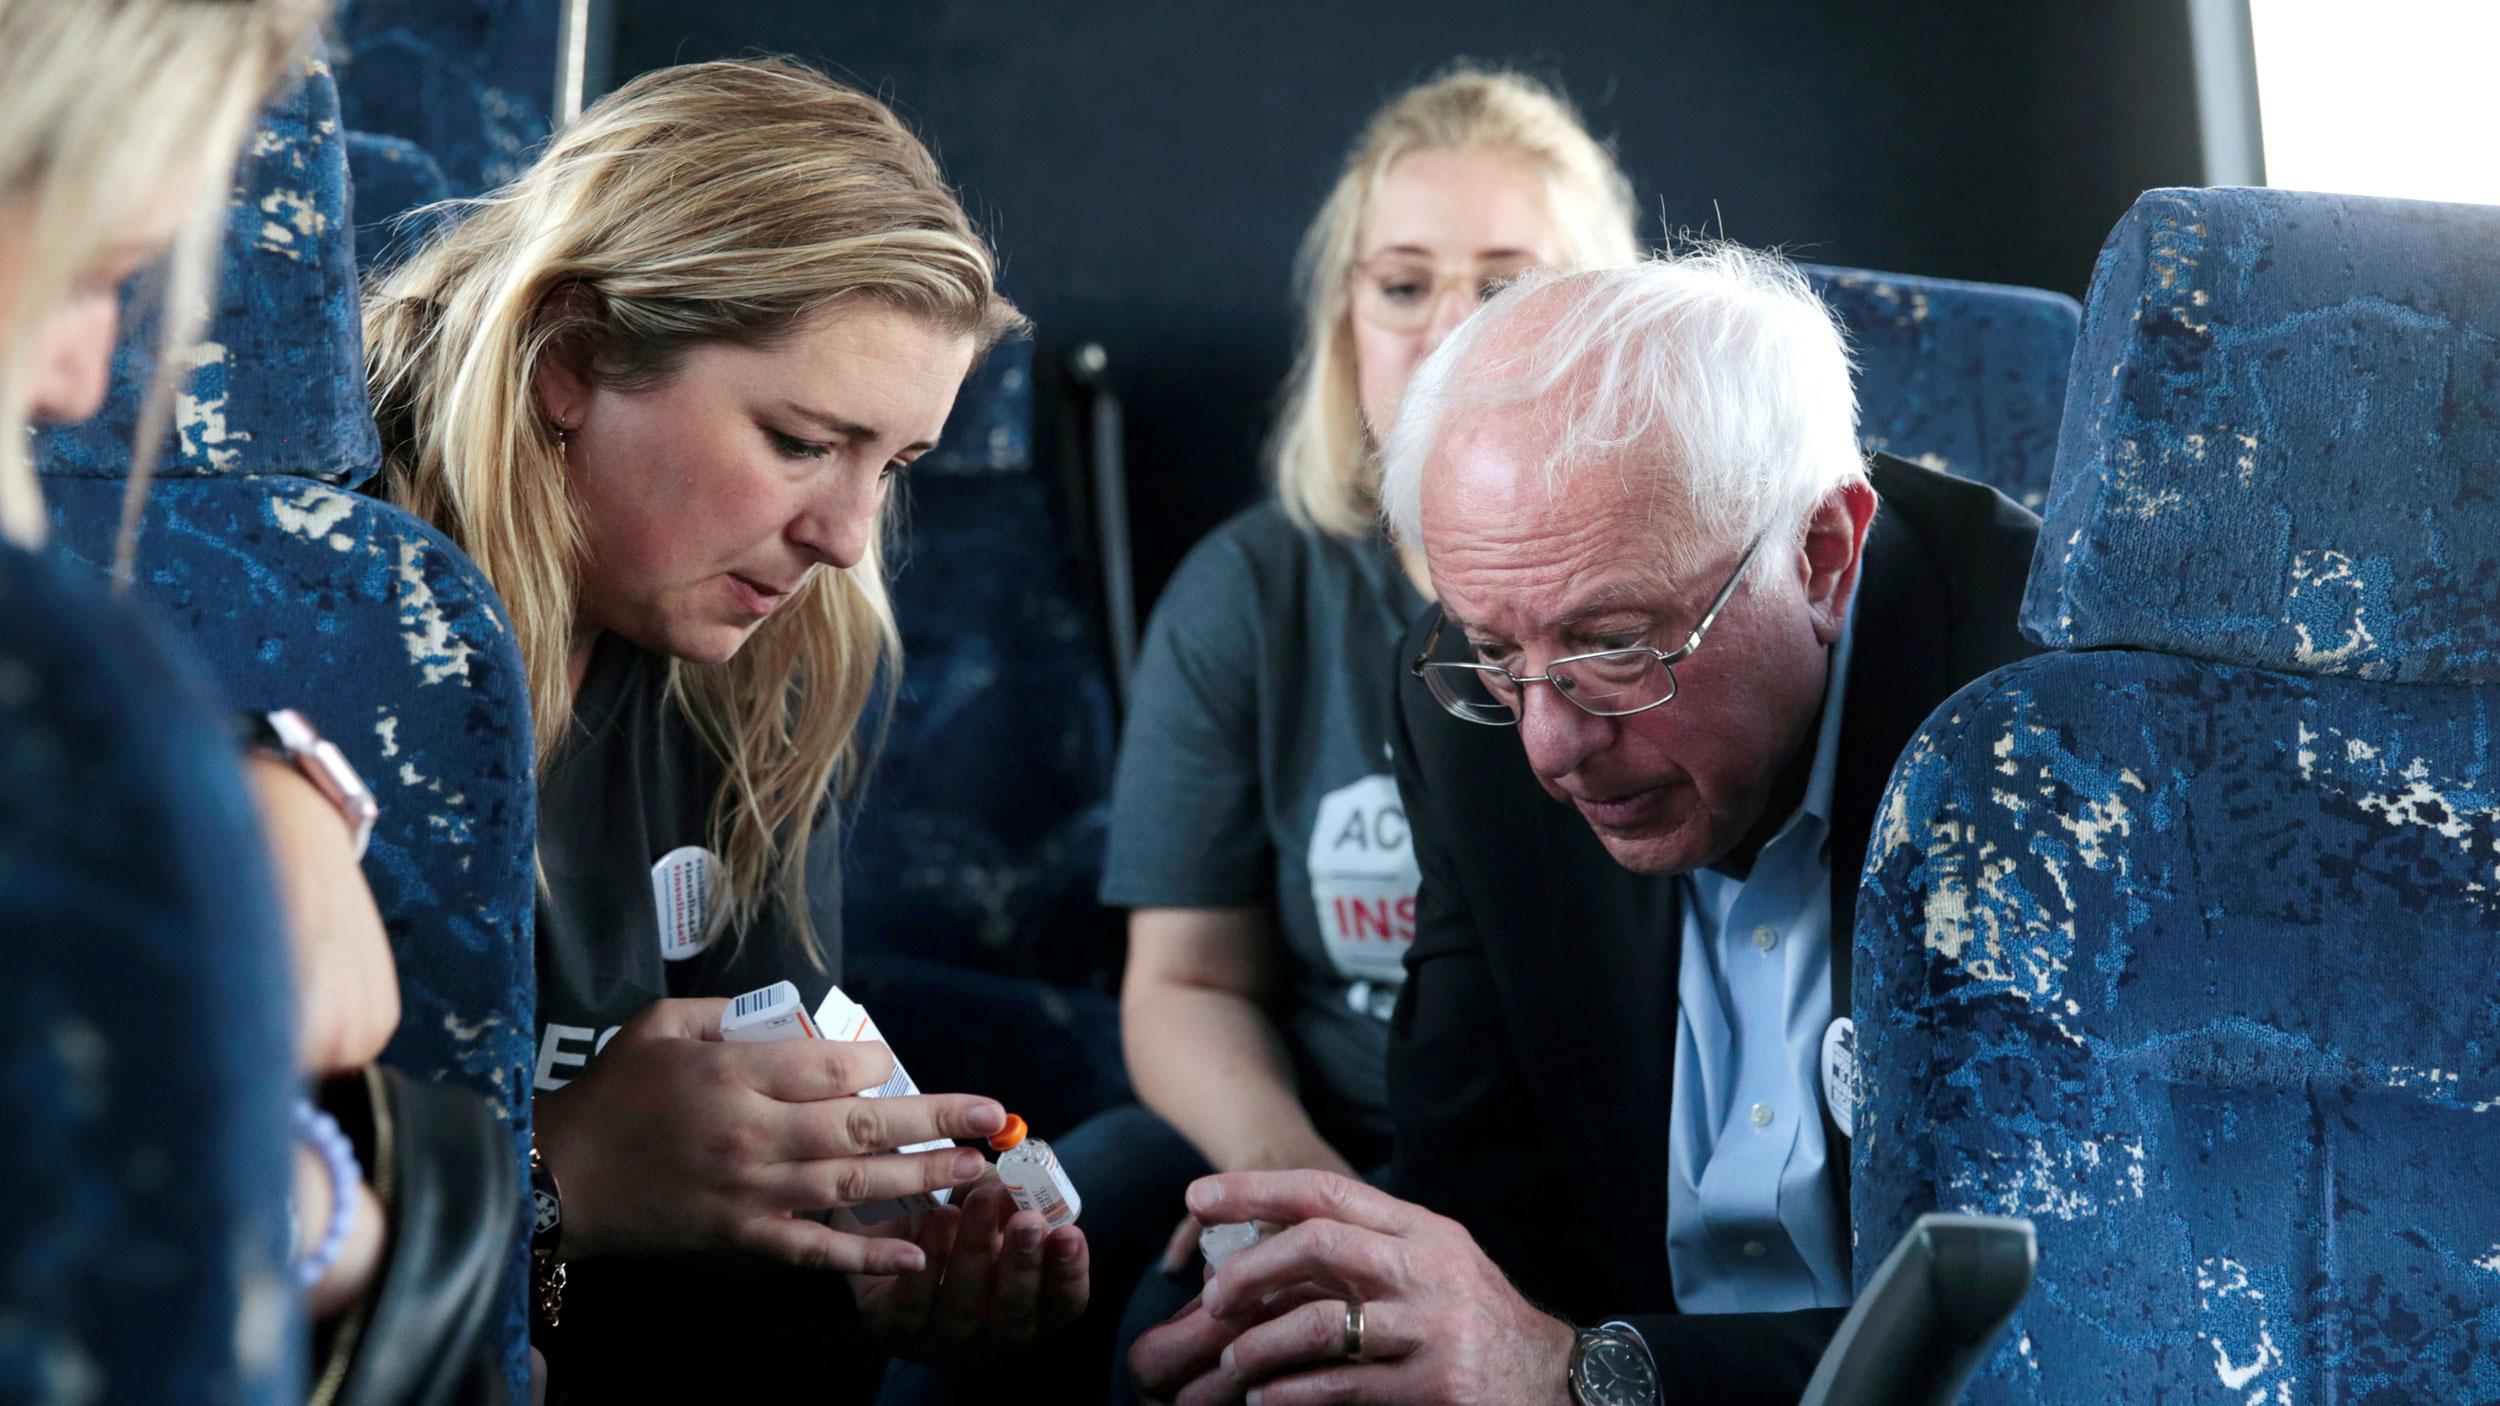 Bernie Sanders sits in a bus next to a woman, a diabetes patient